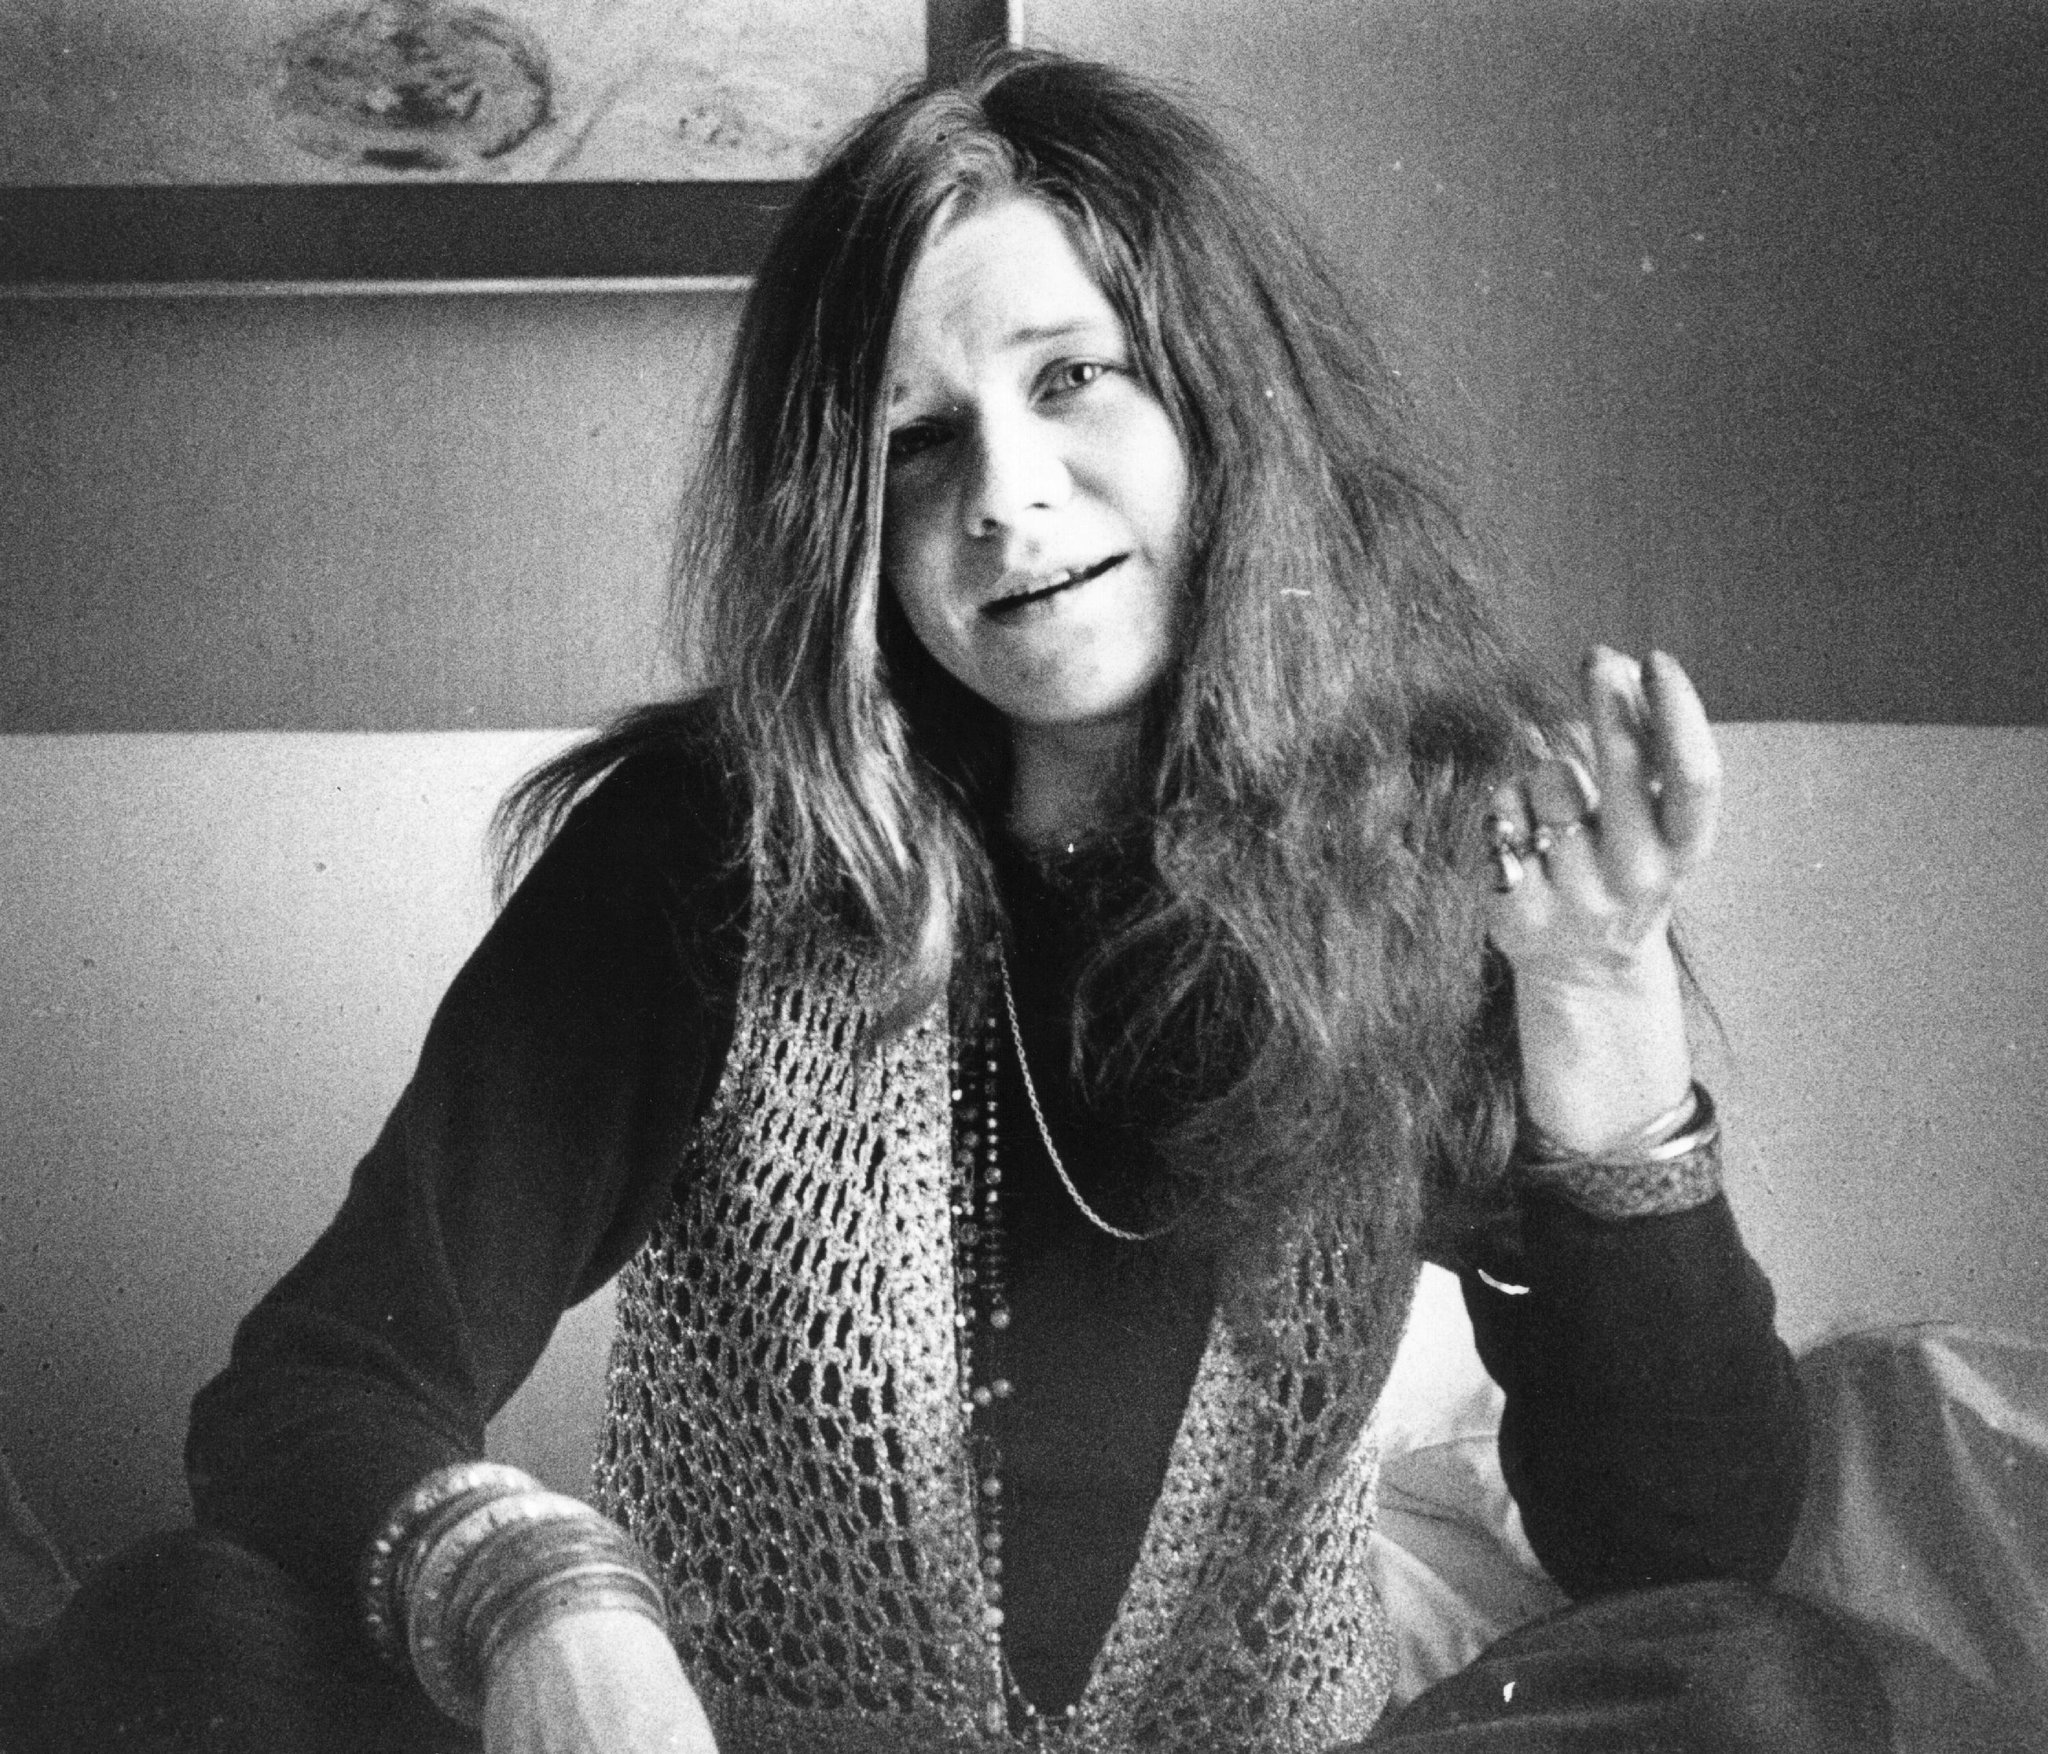 Janis Joplin in 1970.